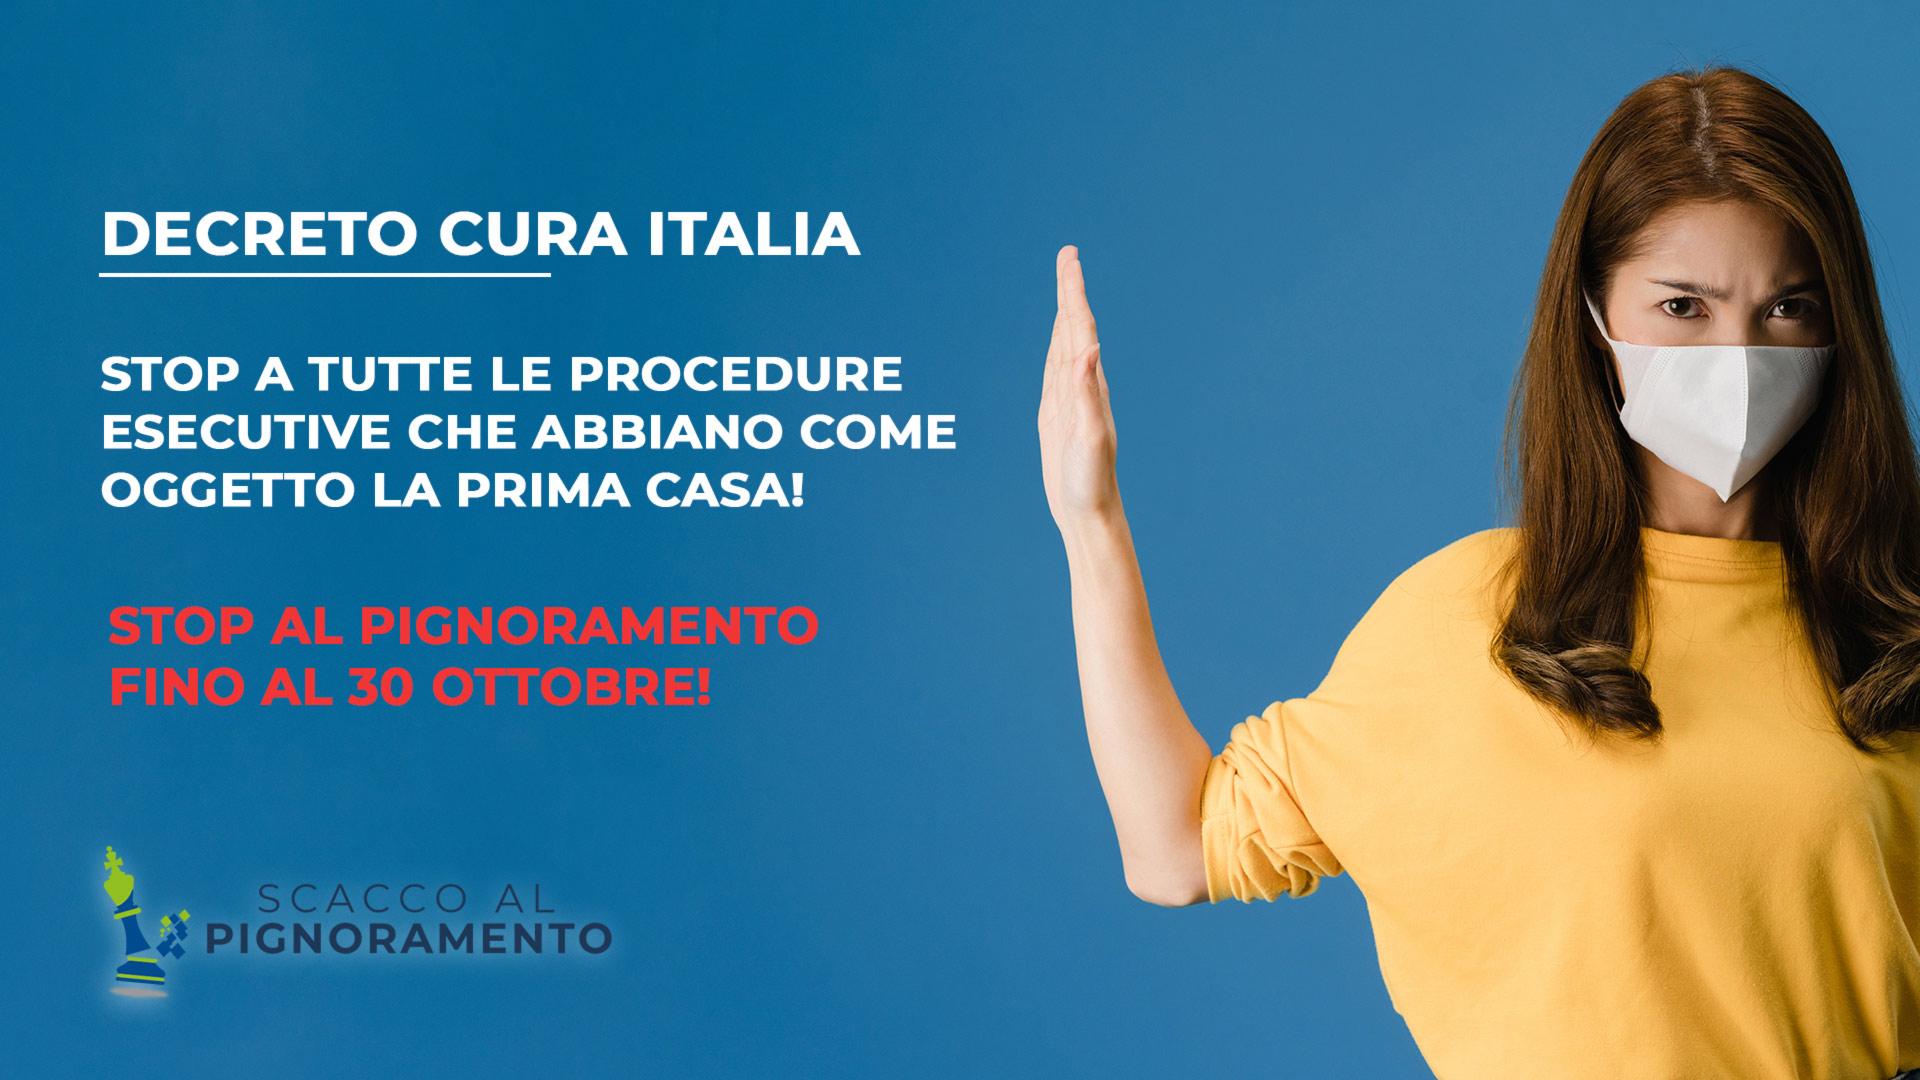 decreto cura italia, sospensione pignoramenti immobiliari